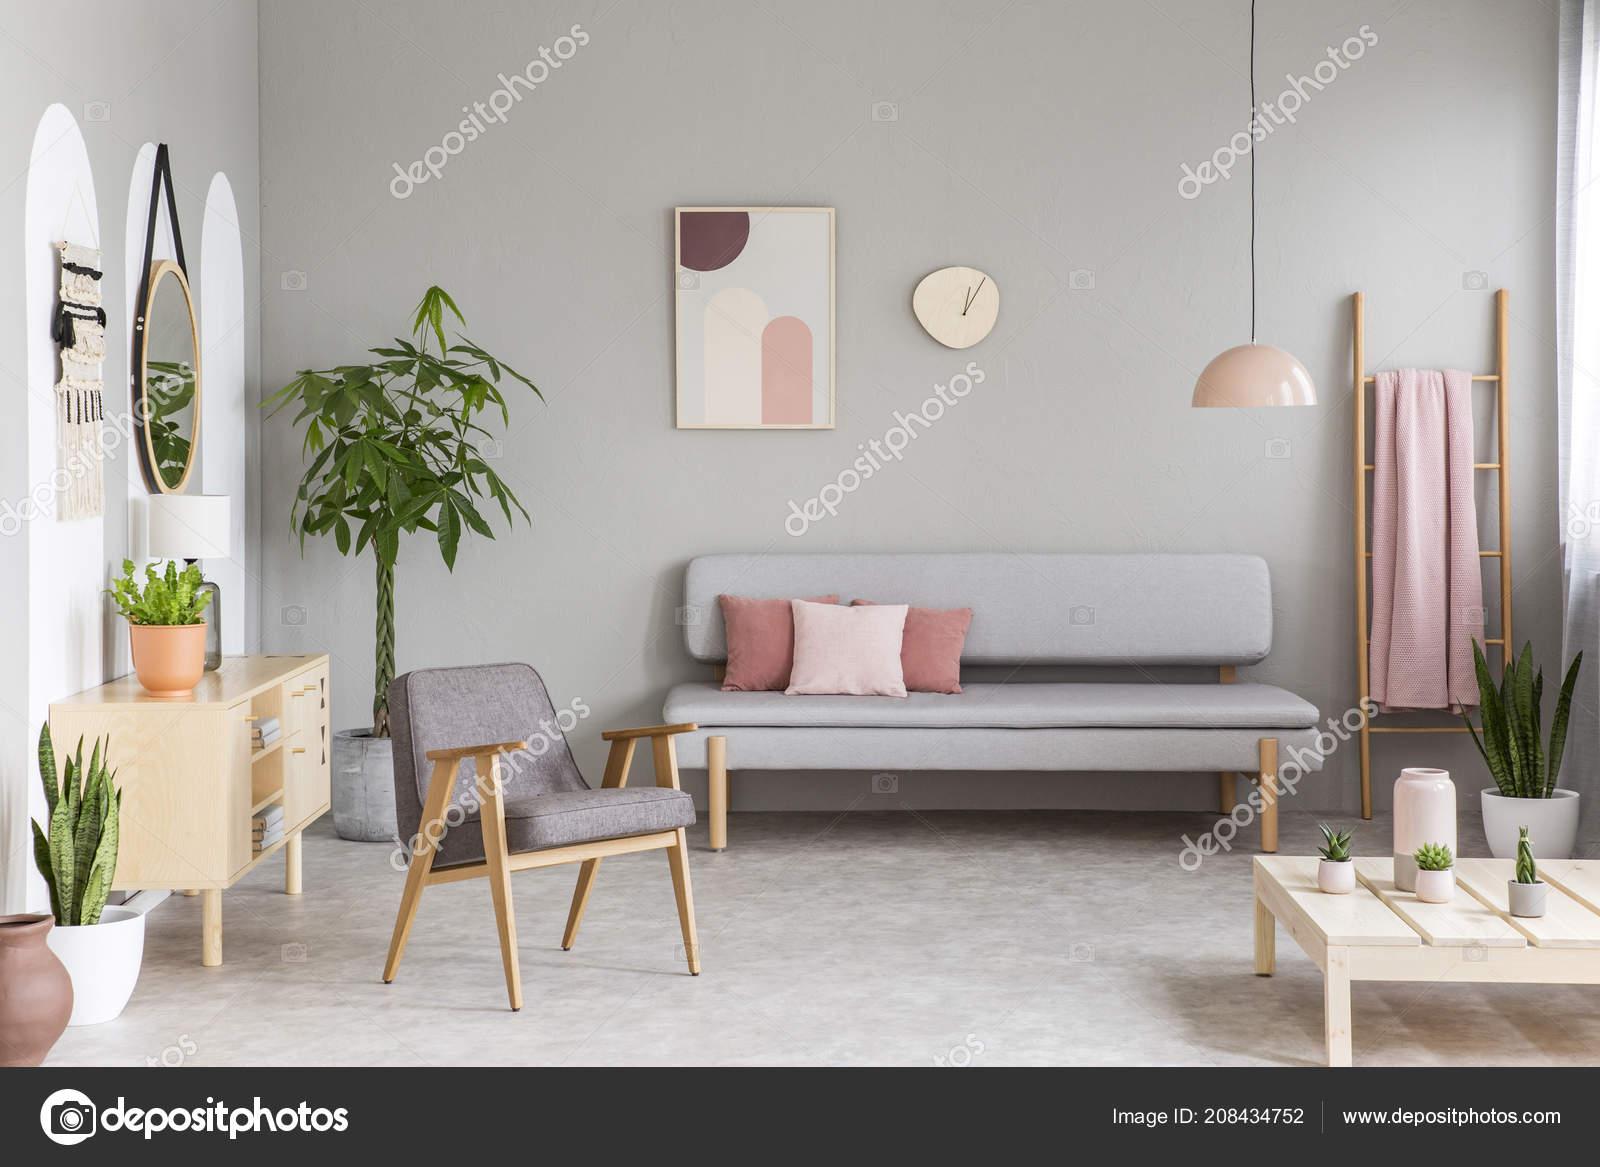 Exquisit Sofa Pastell Sammlung Von Mit Rosa Kissen Echtes Foto Von Grauen